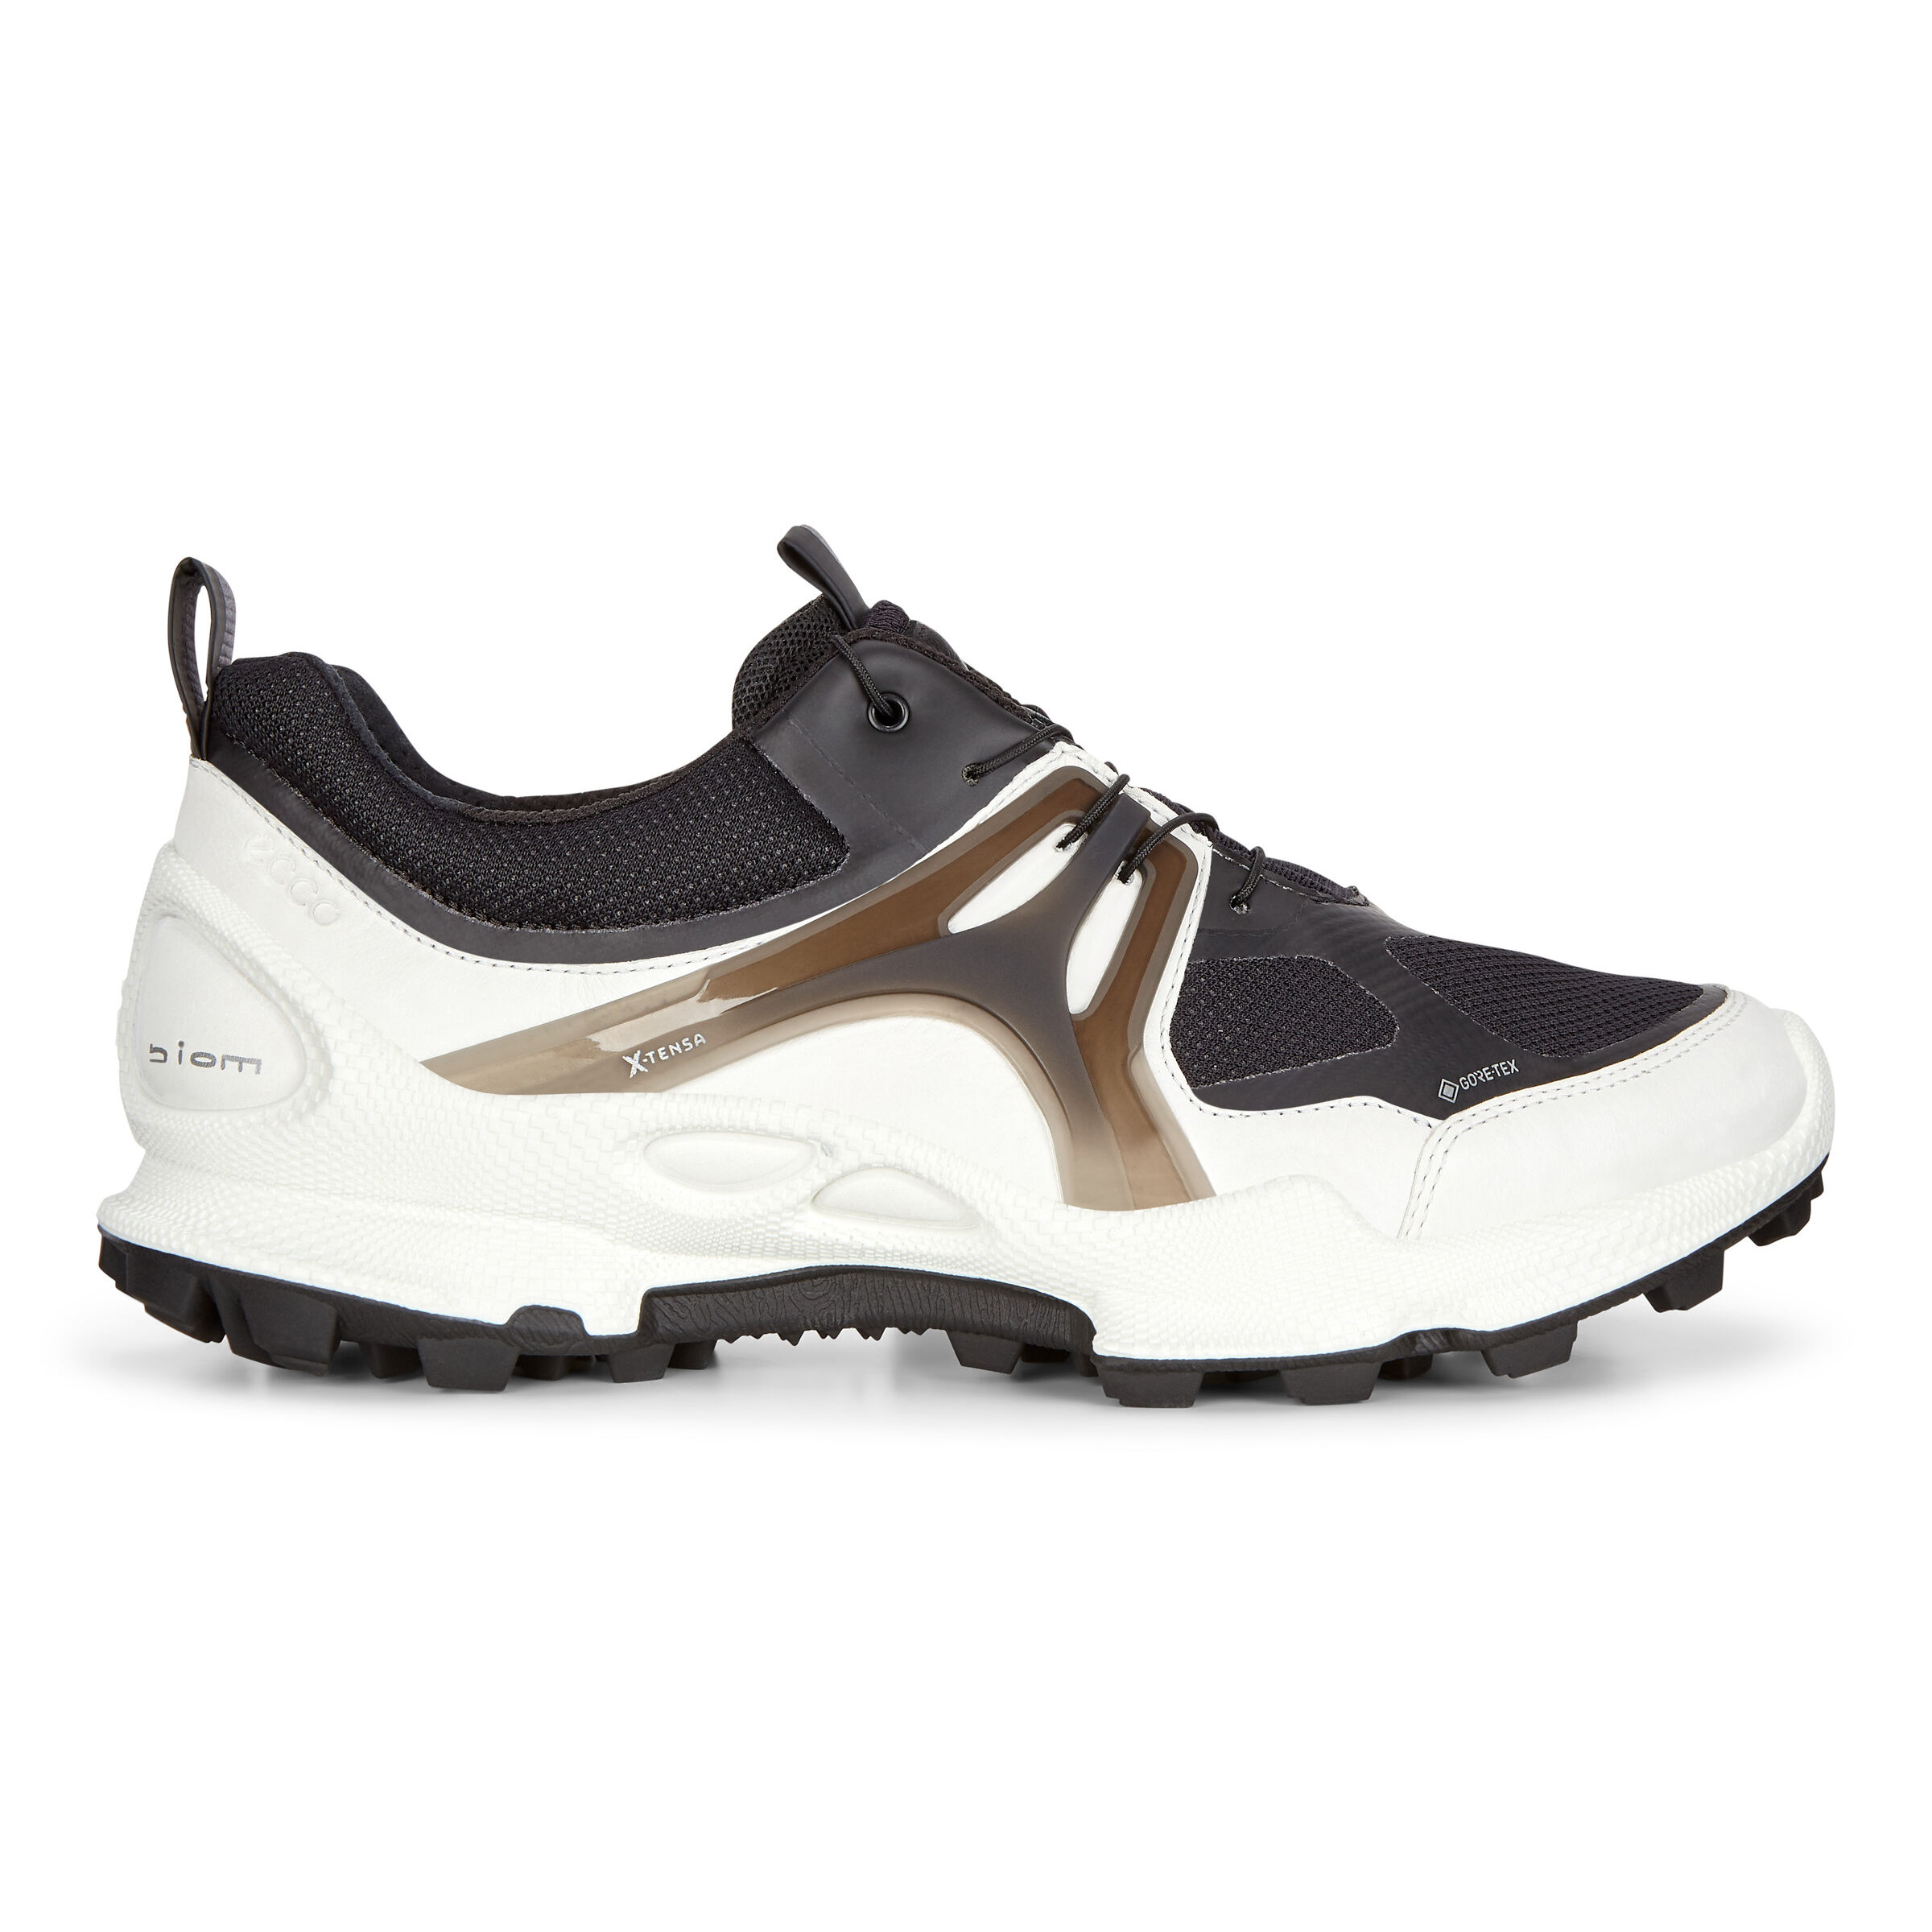 ECCO BIOM C-trail Womens Low GTX Shoes